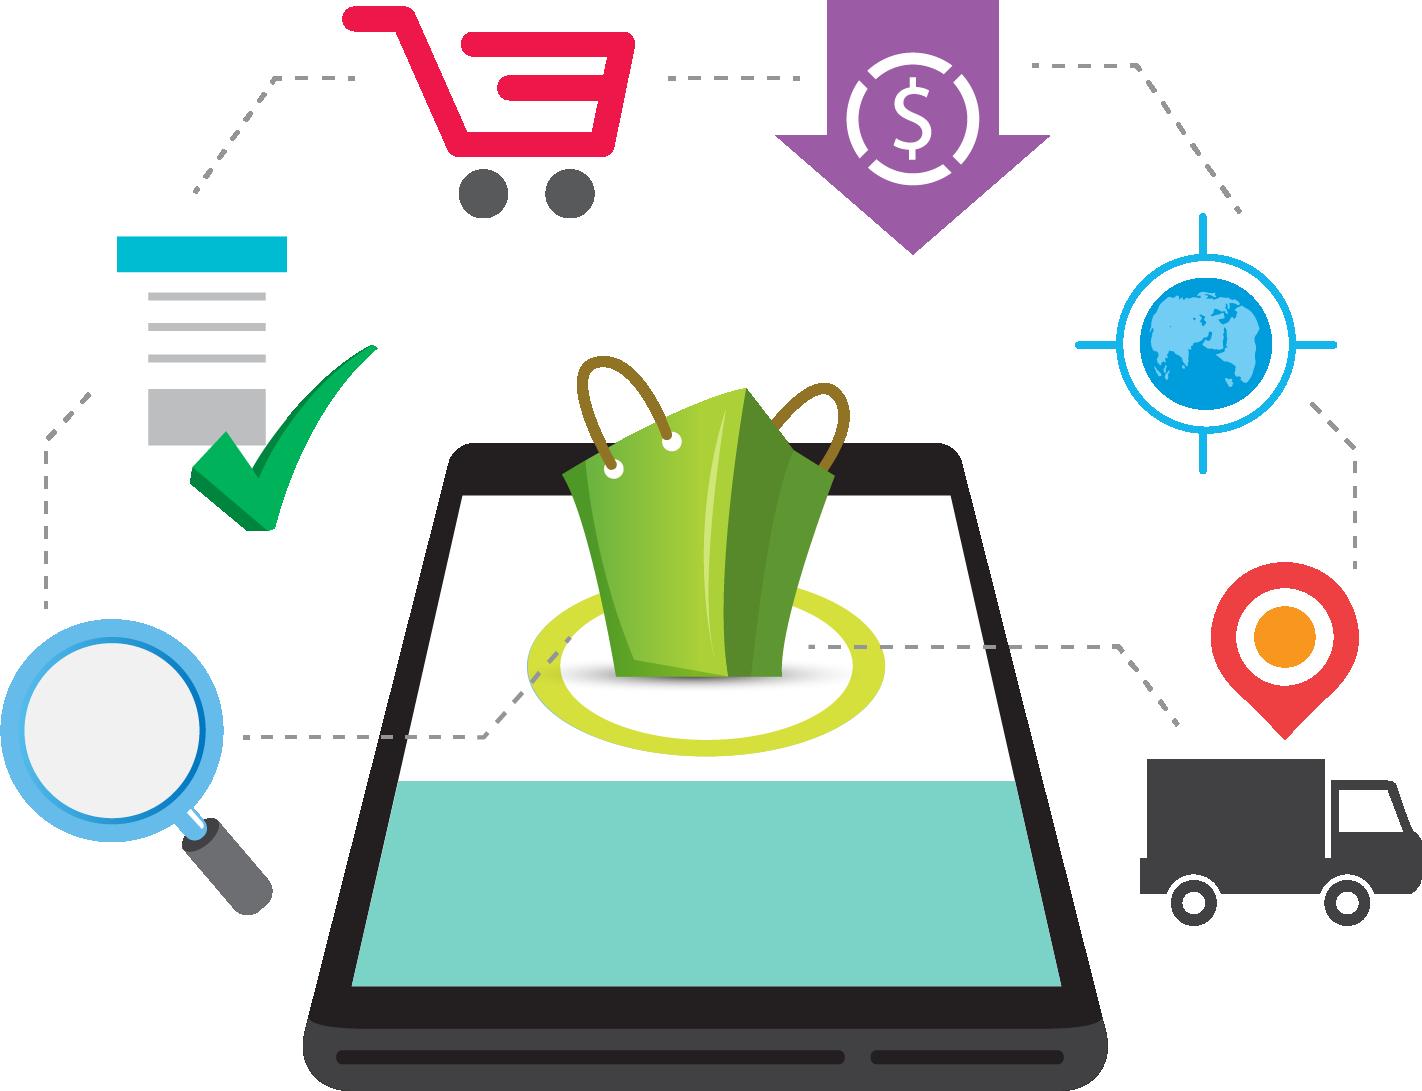 Phần mềm quản lý cửa hàng tạp hóa